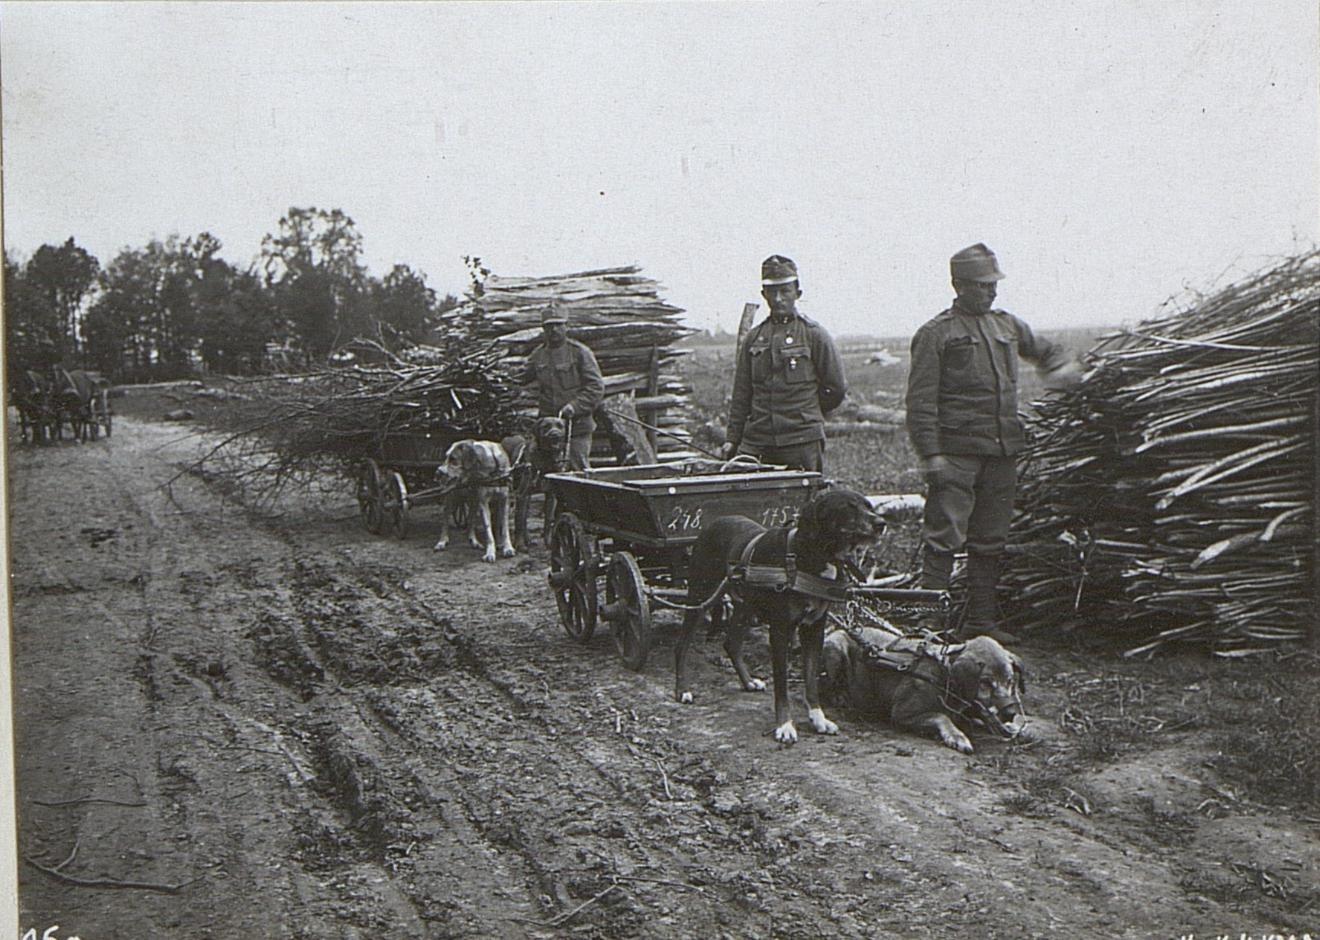 Dogs at work, Austrian Army. (Österreichsische Nationalbibliothek)